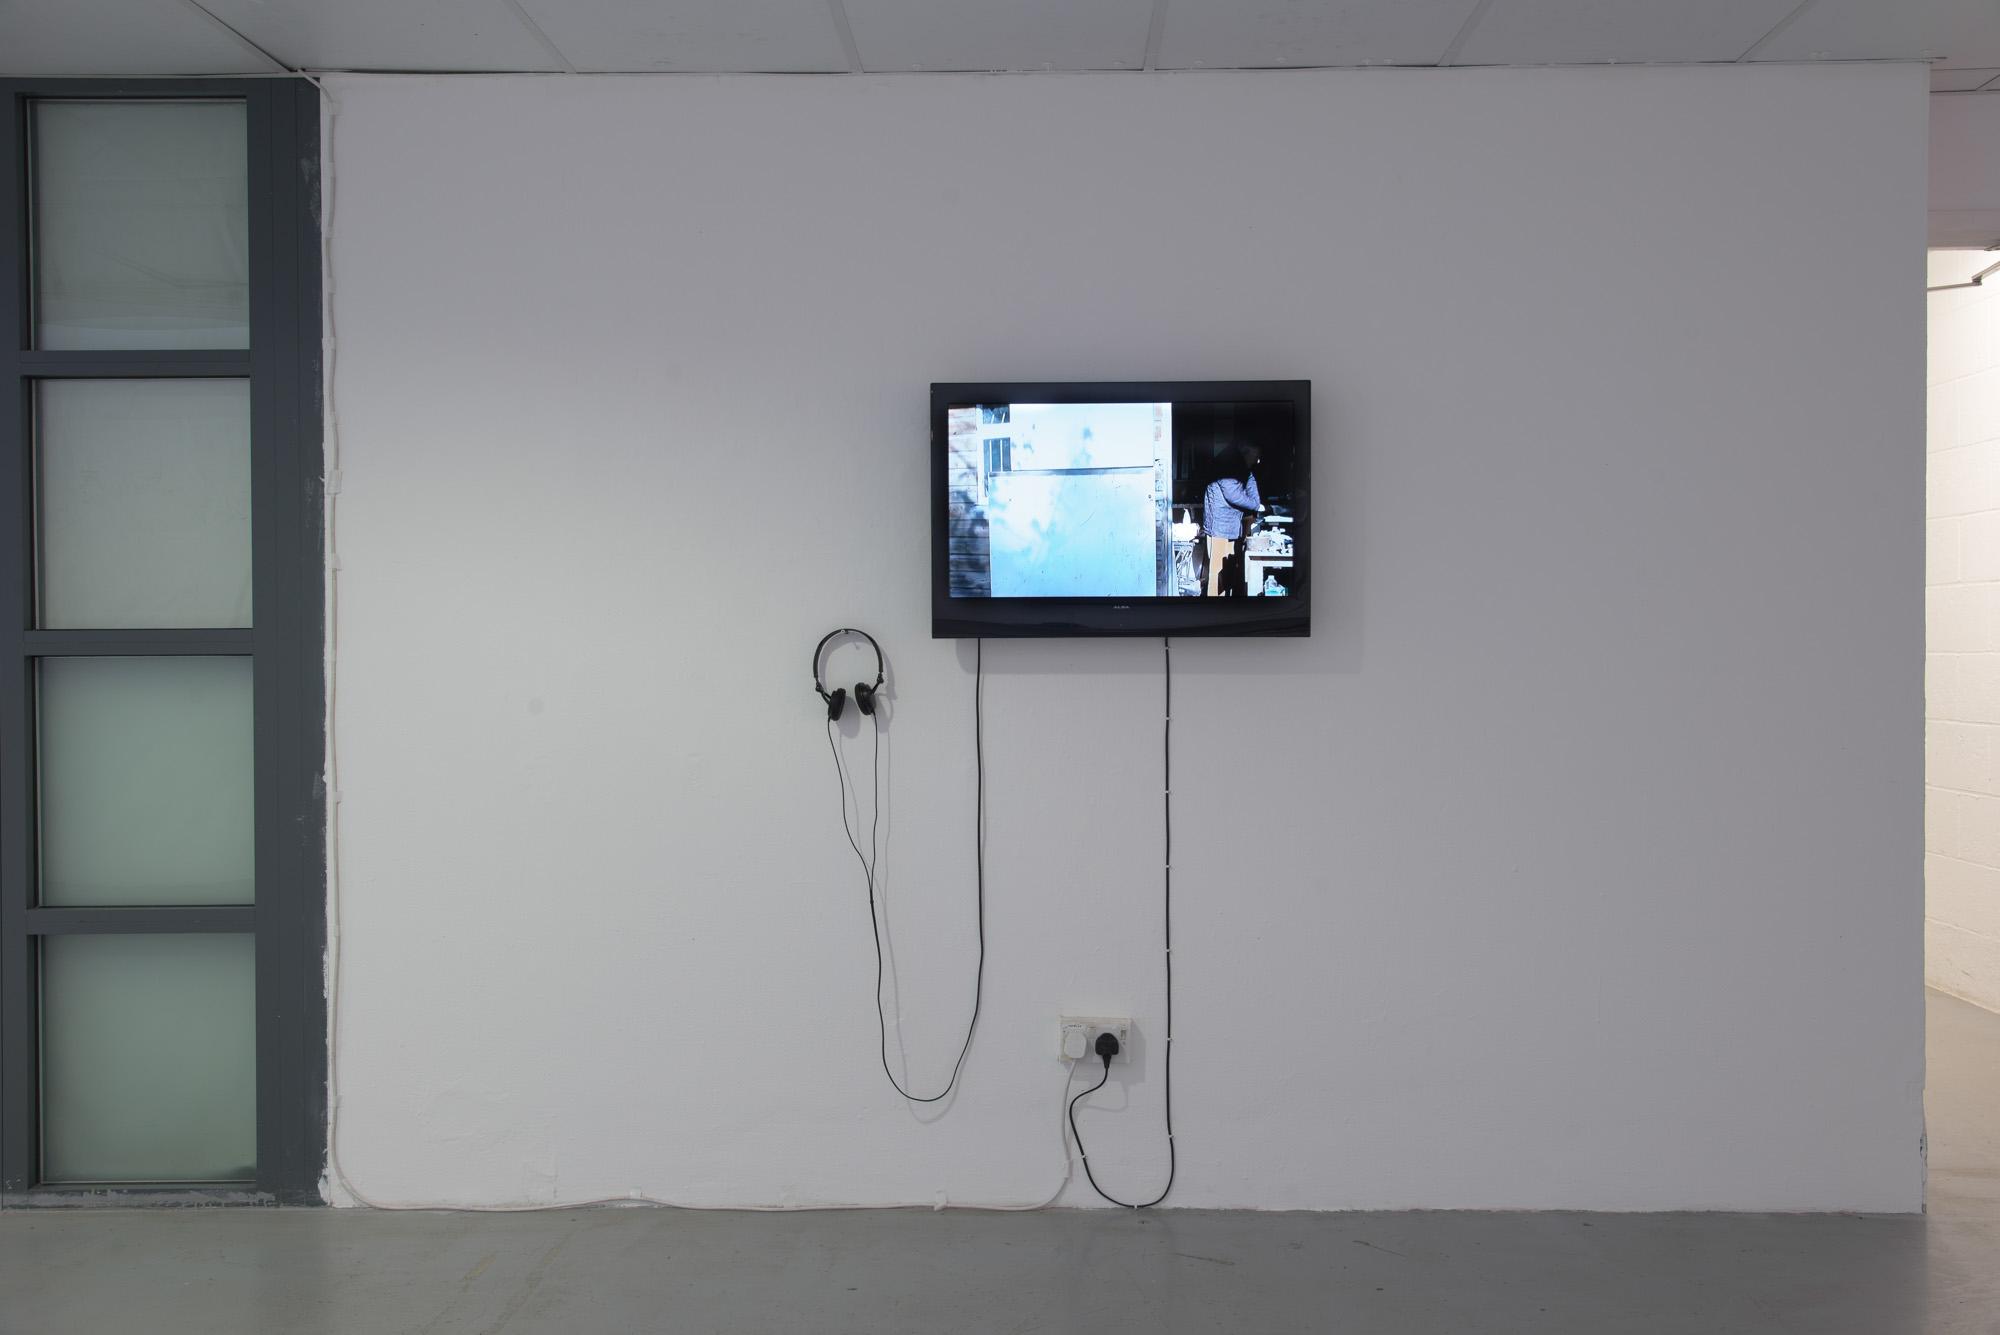 Sophy Rickett, Objects in the Field, 2013 Video